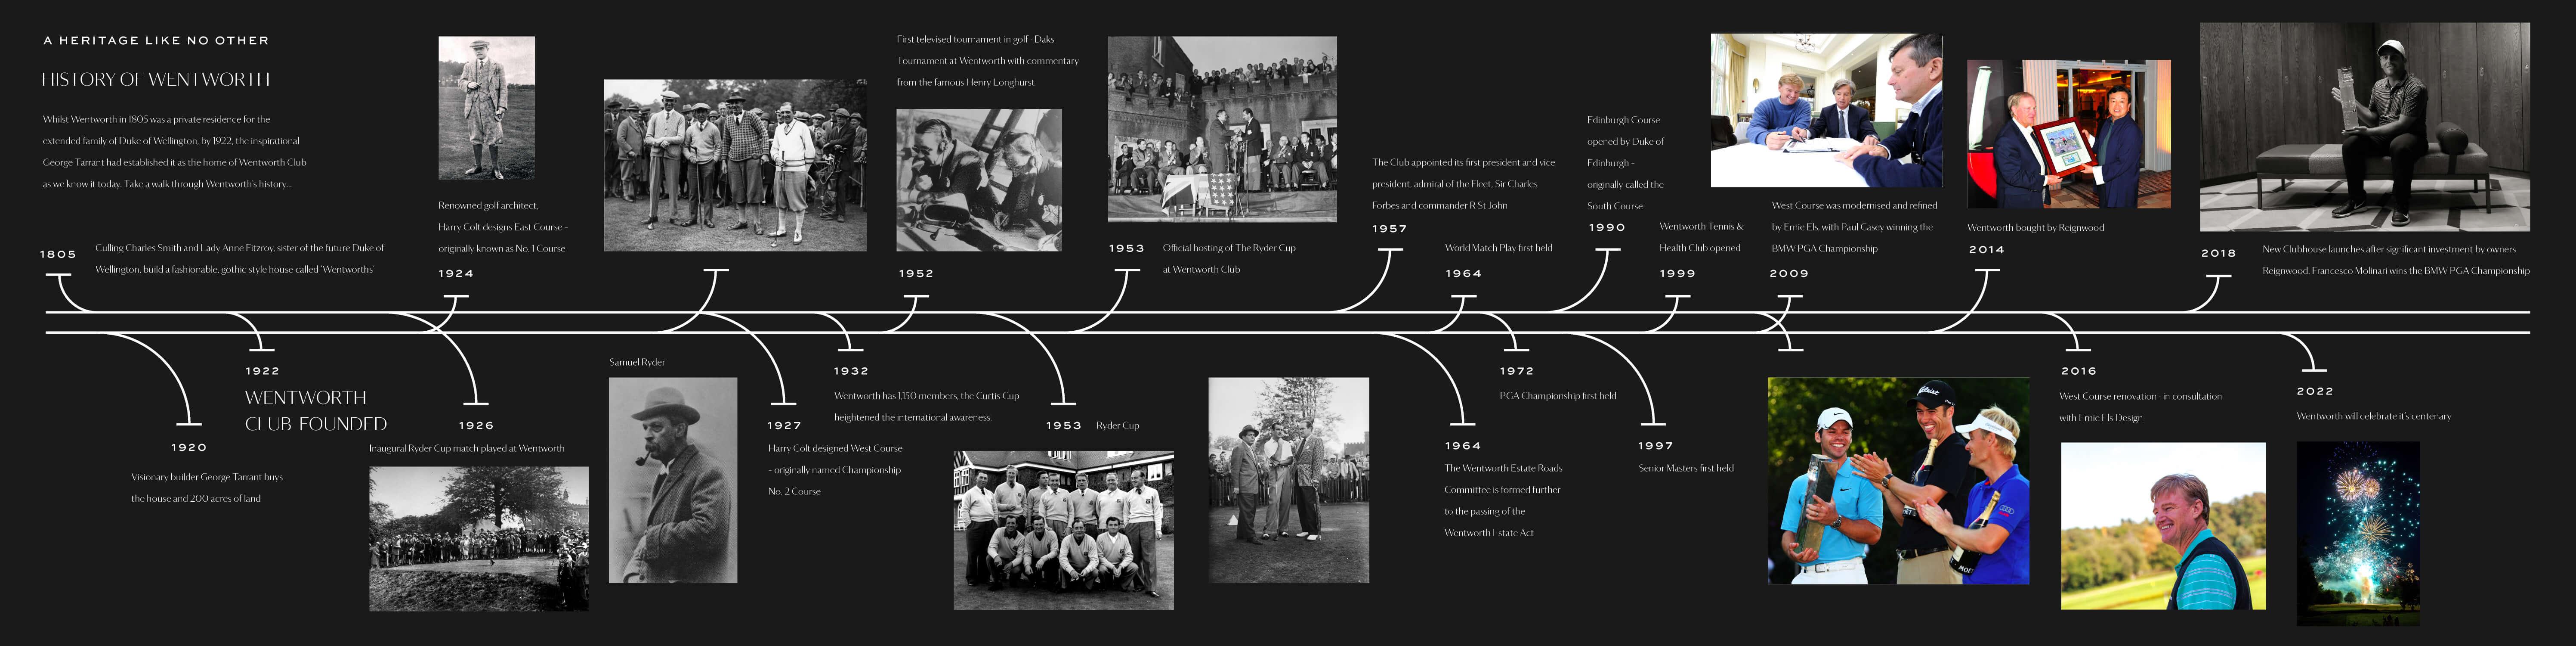 Wentworth Timeline